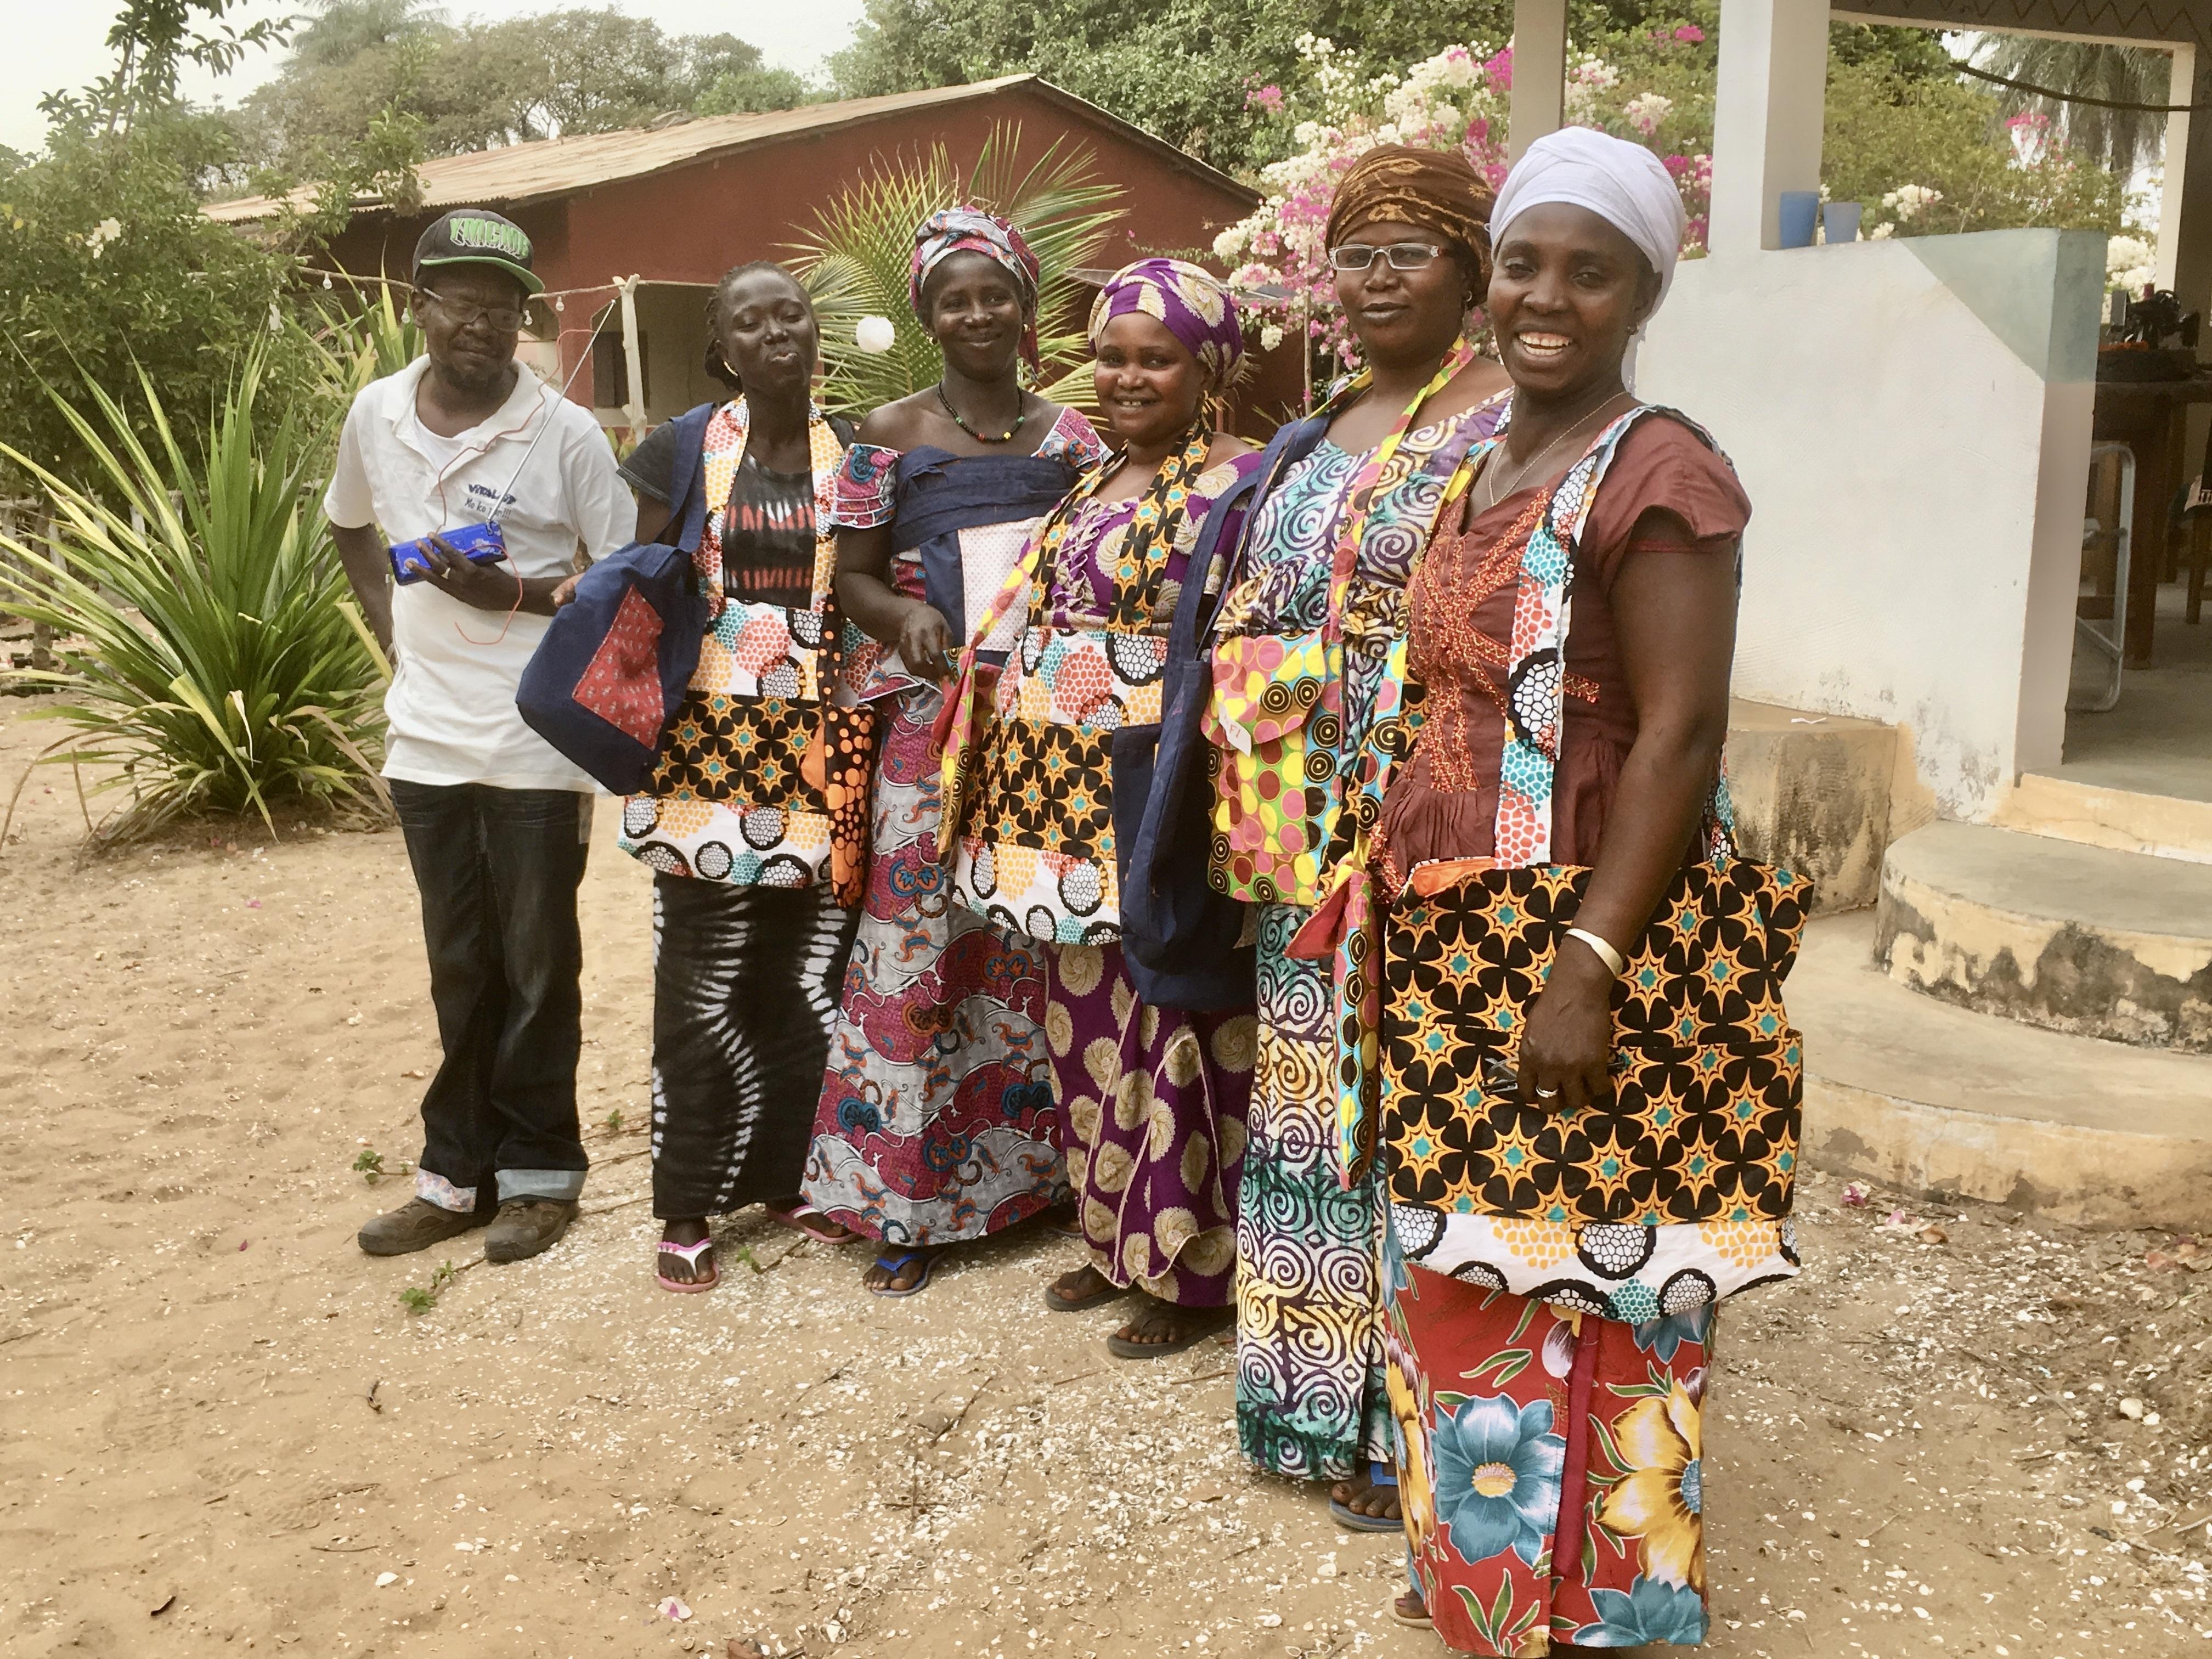 16 kvinner syr og selger handlenett av tøy på markeden. Nettene erstatter plastposer.